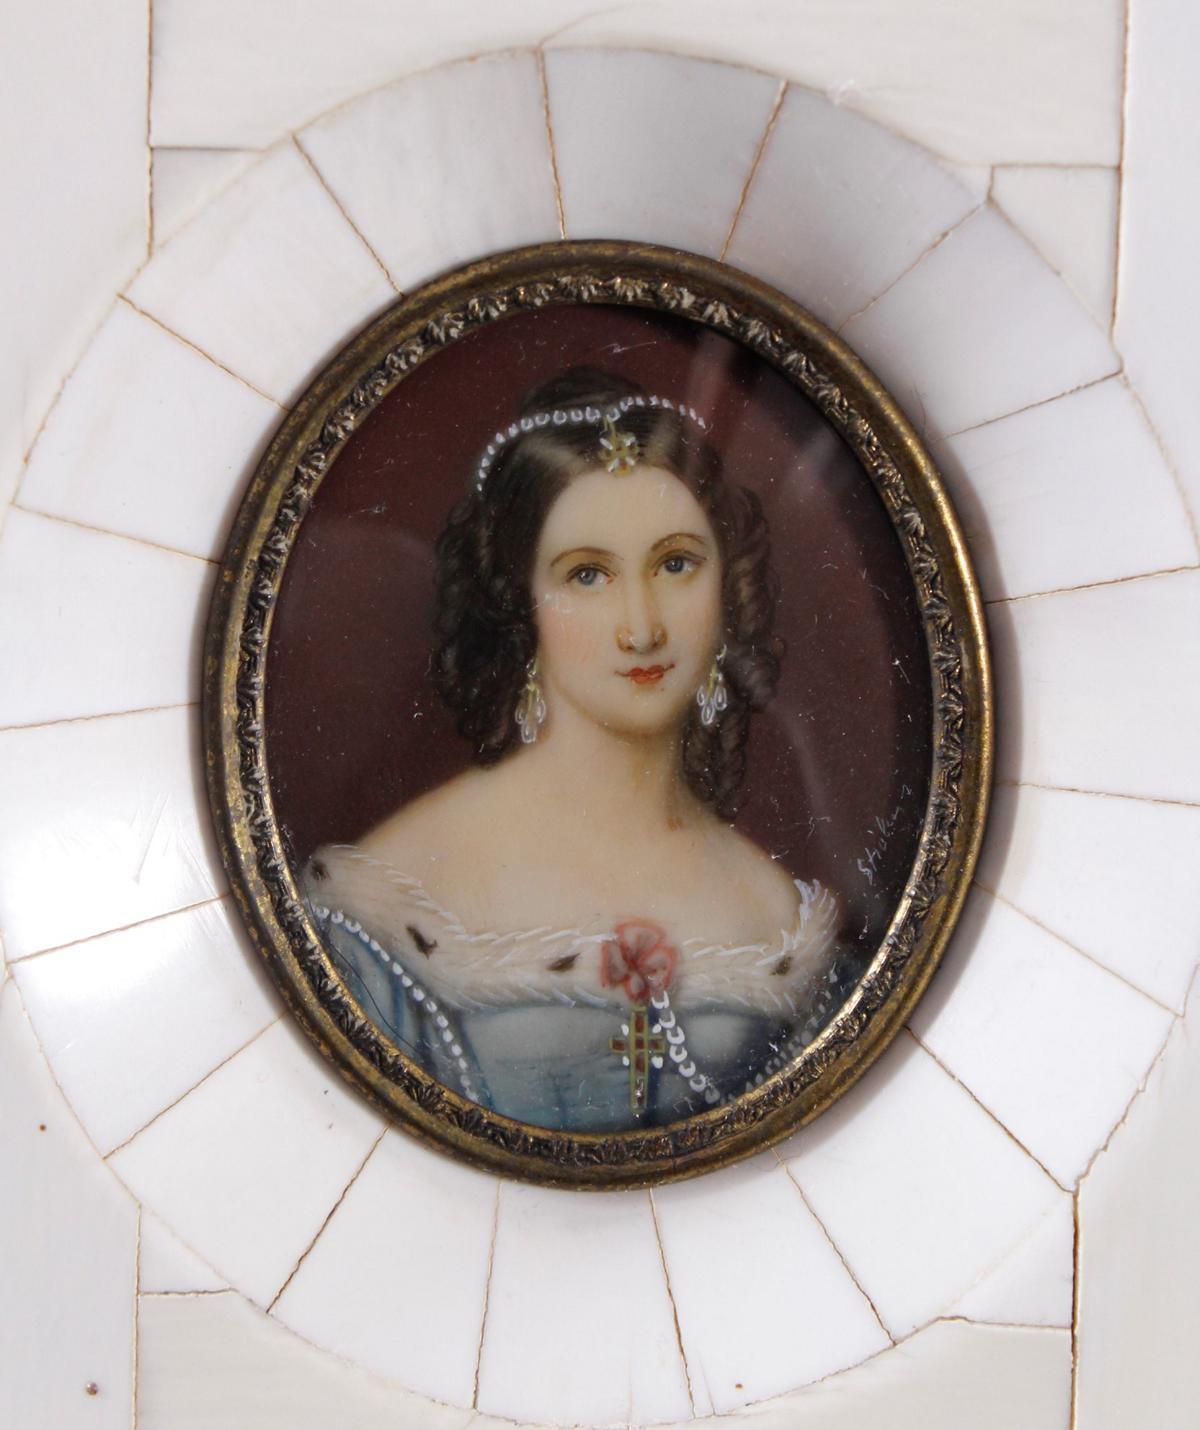 Elfenbein-Miniatur 'Charlotte v. Hagn' aus dem 19. Jh.-2